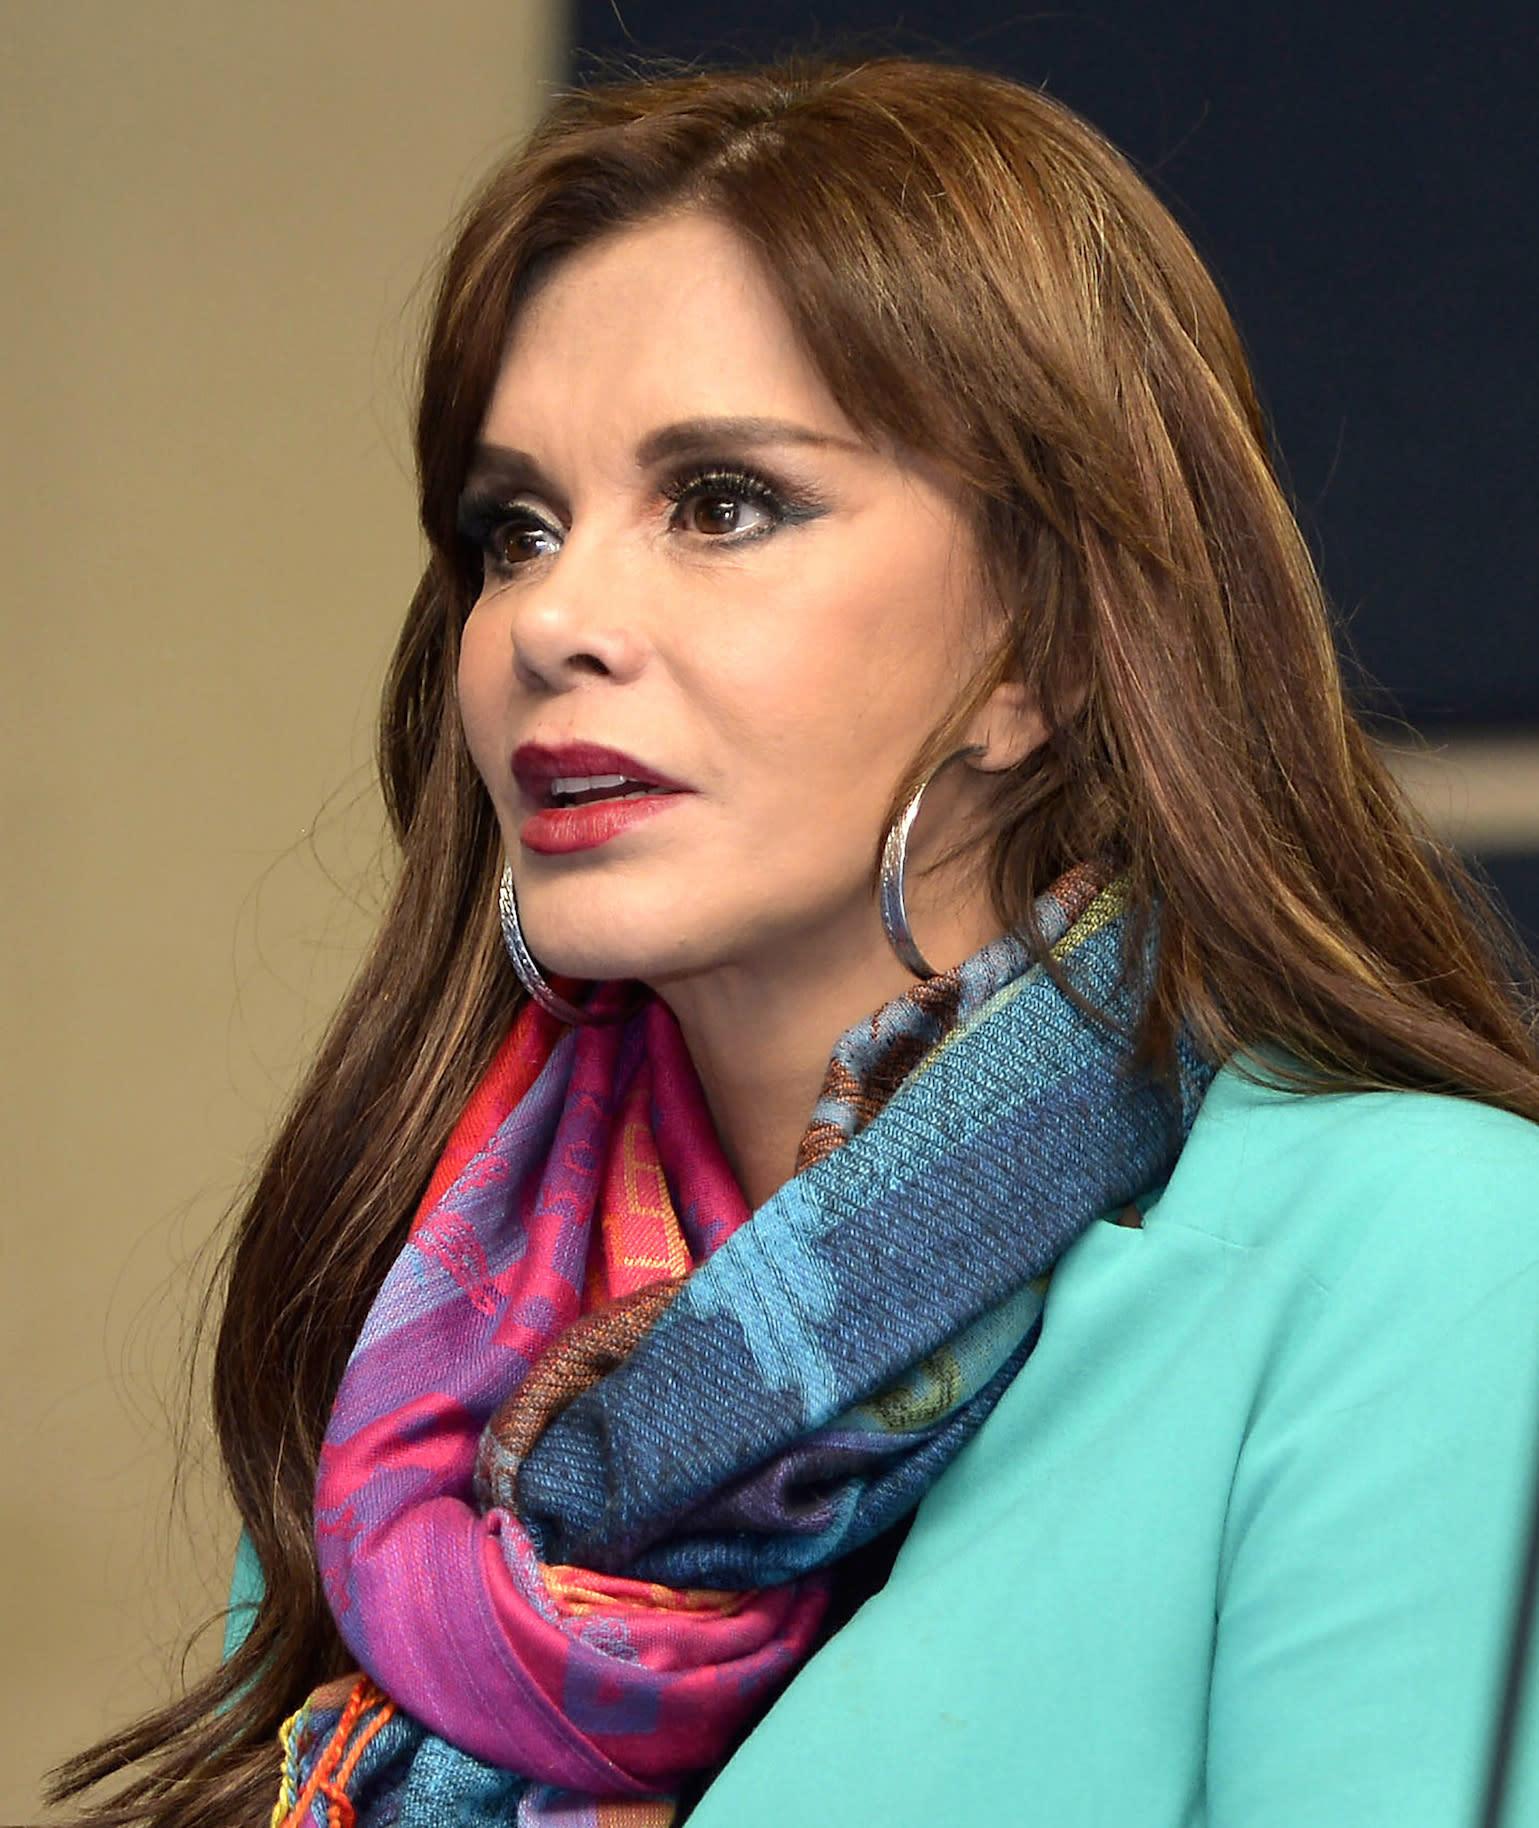 Lucía Méndez no se arrepiente de sus cirugías